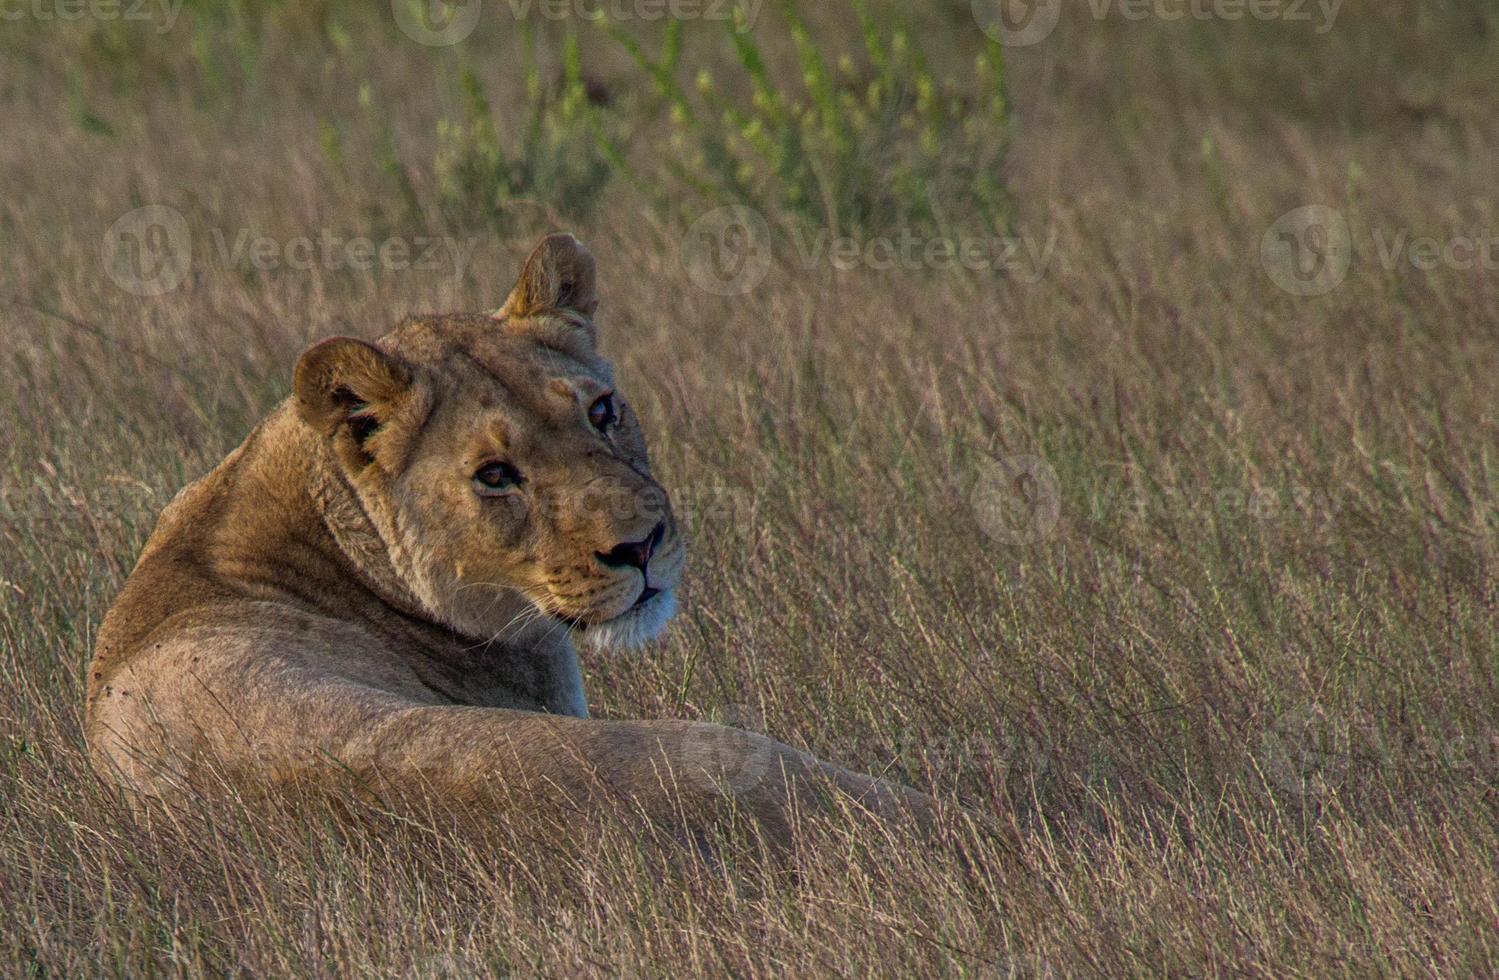 la lionne photo